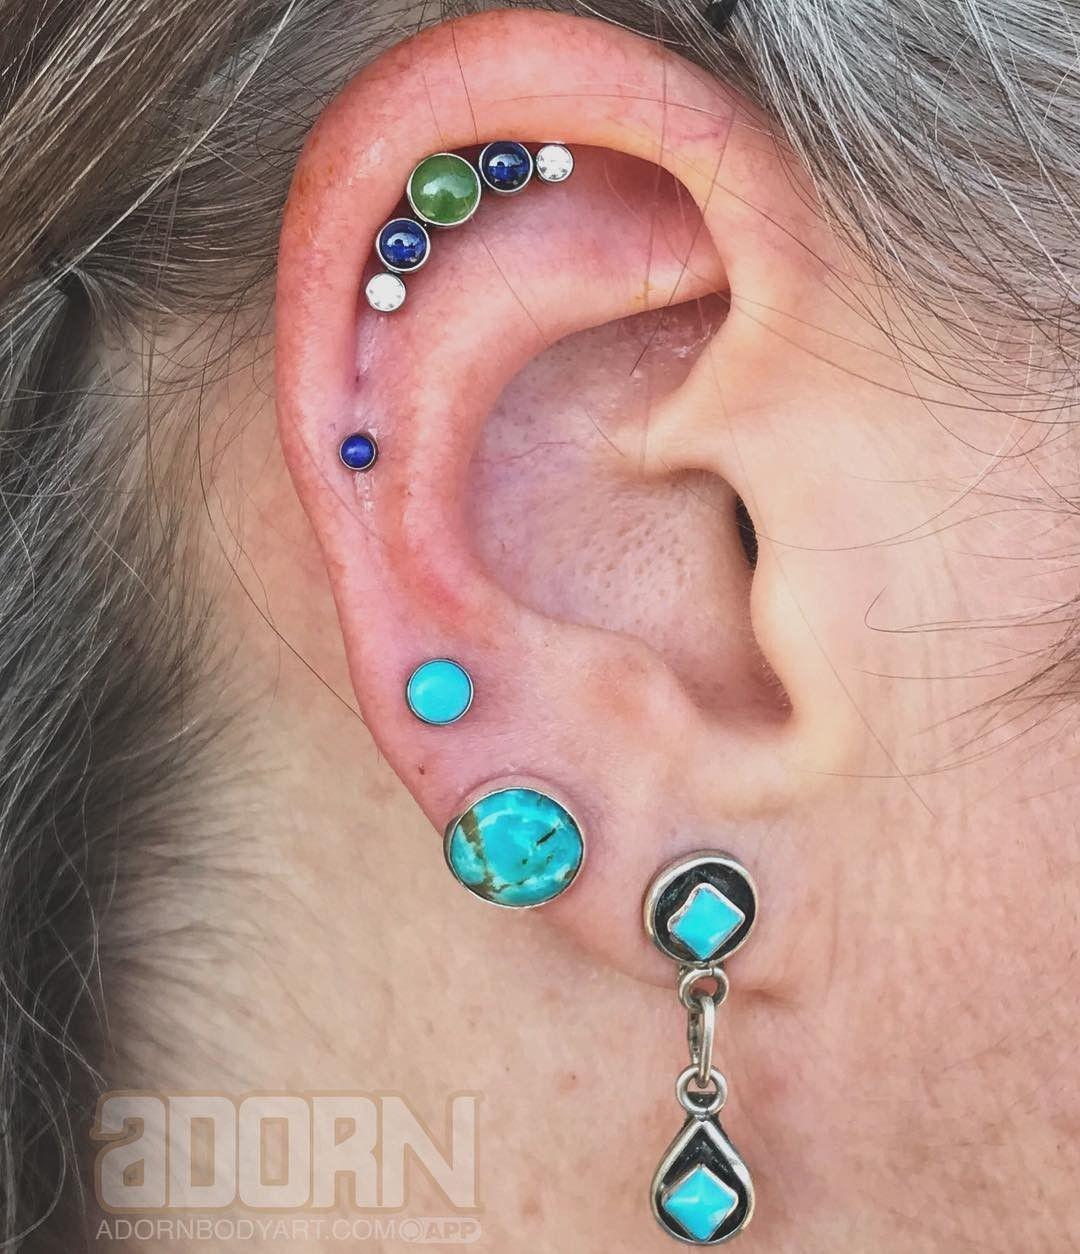 Piercing jewellery names  Helix By Emily Rose Jewellery by Anatometal u Neometal Jewelry